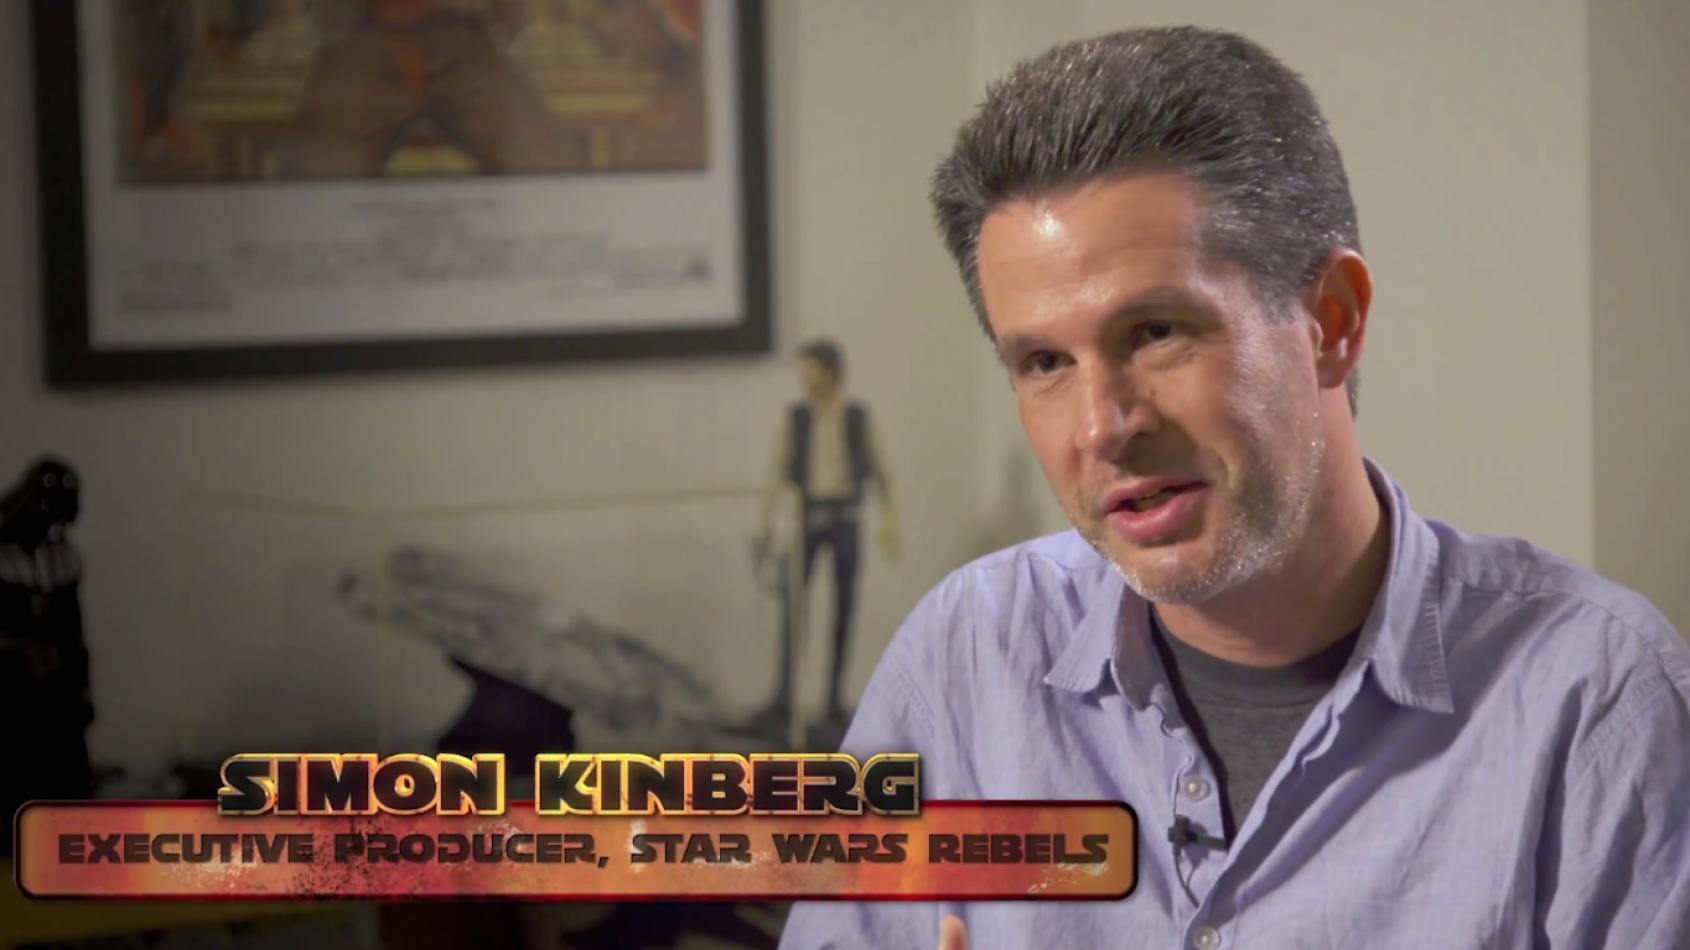 Des personnages de Rebels pourraient intégrer les films Star Wars